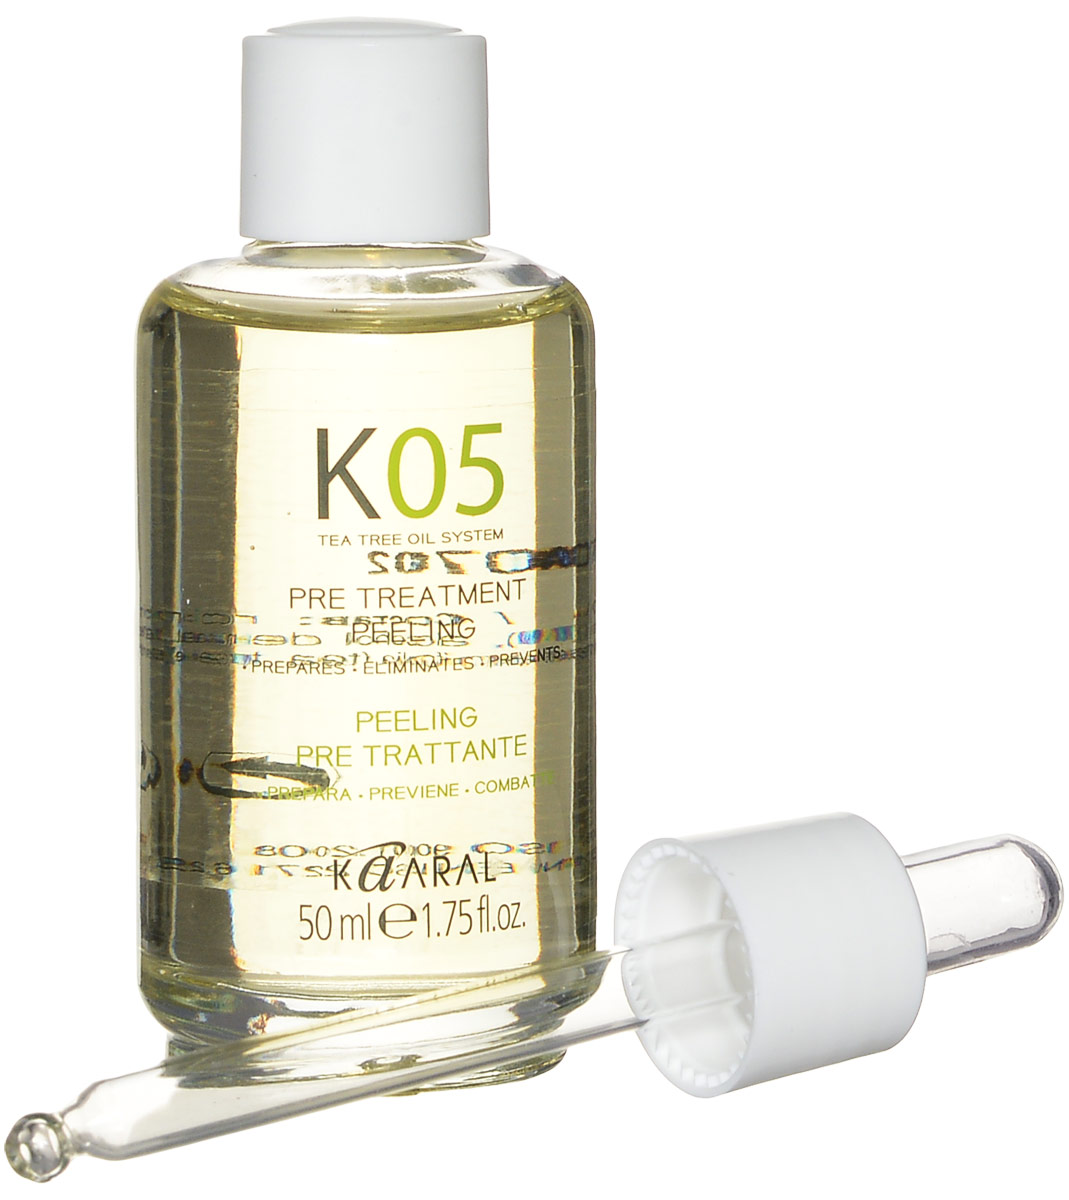 Kaaral Капли для подготовки к процедурам К05 Gocce Pre-Treatment, 50 мл kaaral к05 shampoo seboequilibrante шампунь для восстановления баланса секреции сальных желез 250 мл